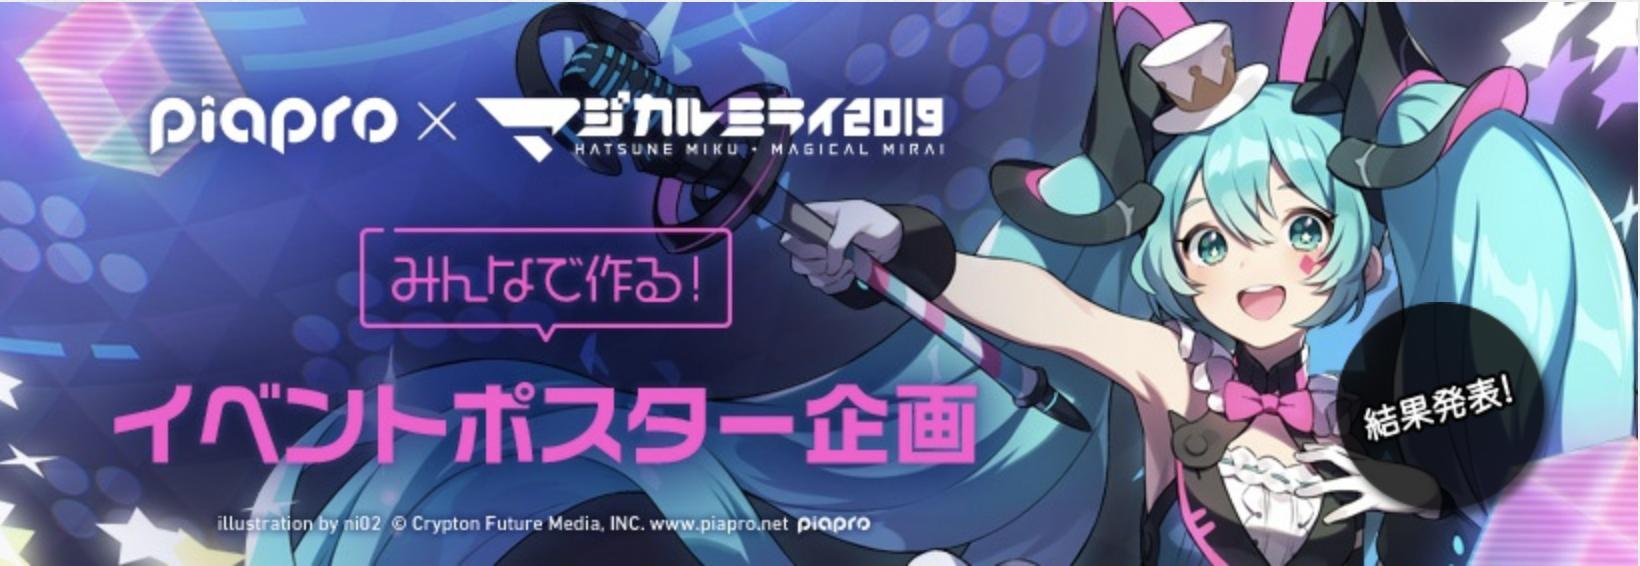 スクリーンショット 2019-09-10 0.45.44.png (1.6 MB)